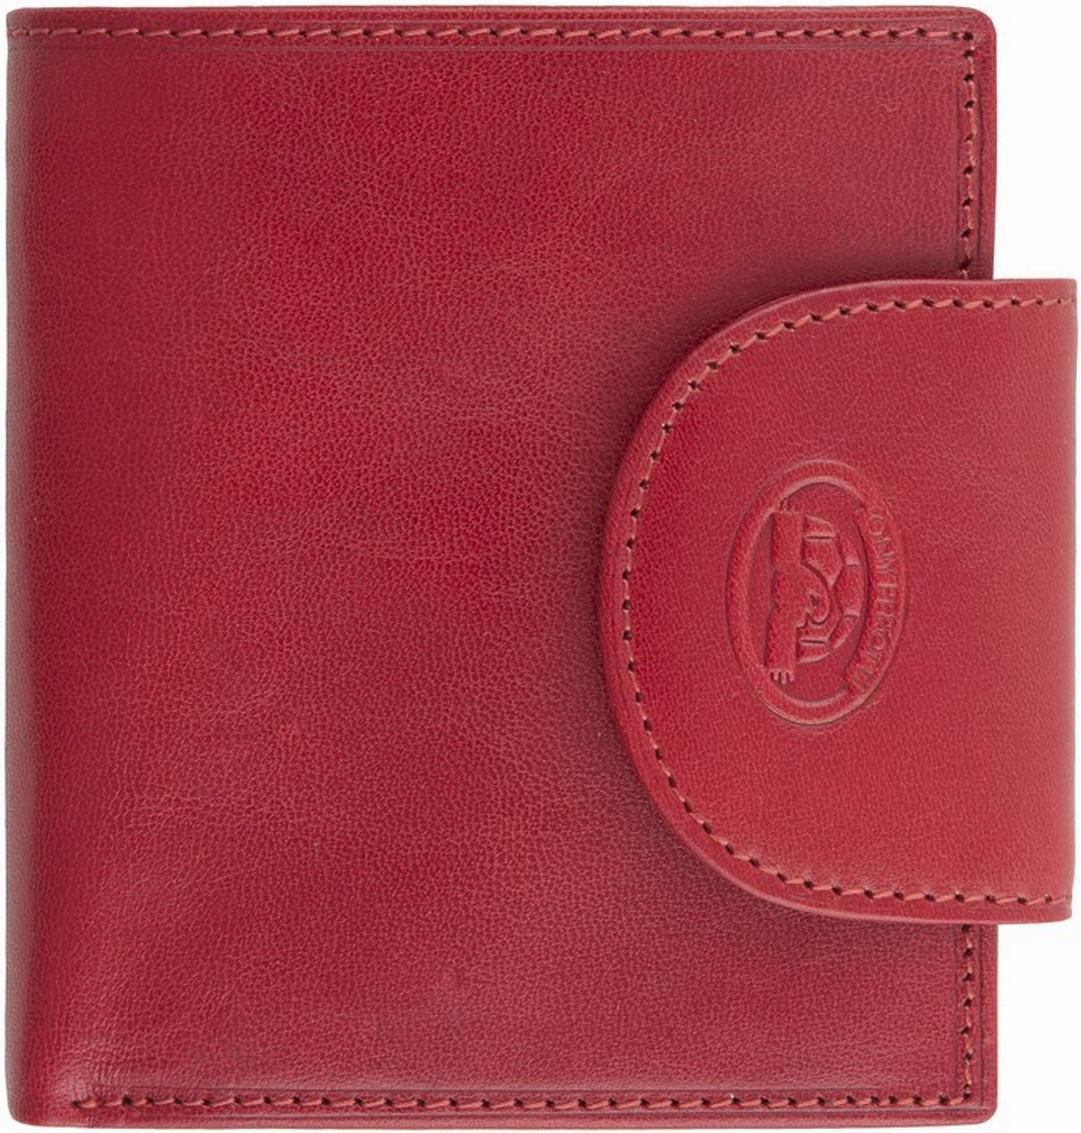 784498fc66d4 Кошелек женский Tony Perotti, цвет: красный. 273416/4 — купить в  интернет-магазине OZON.ru с быстрой доставкой